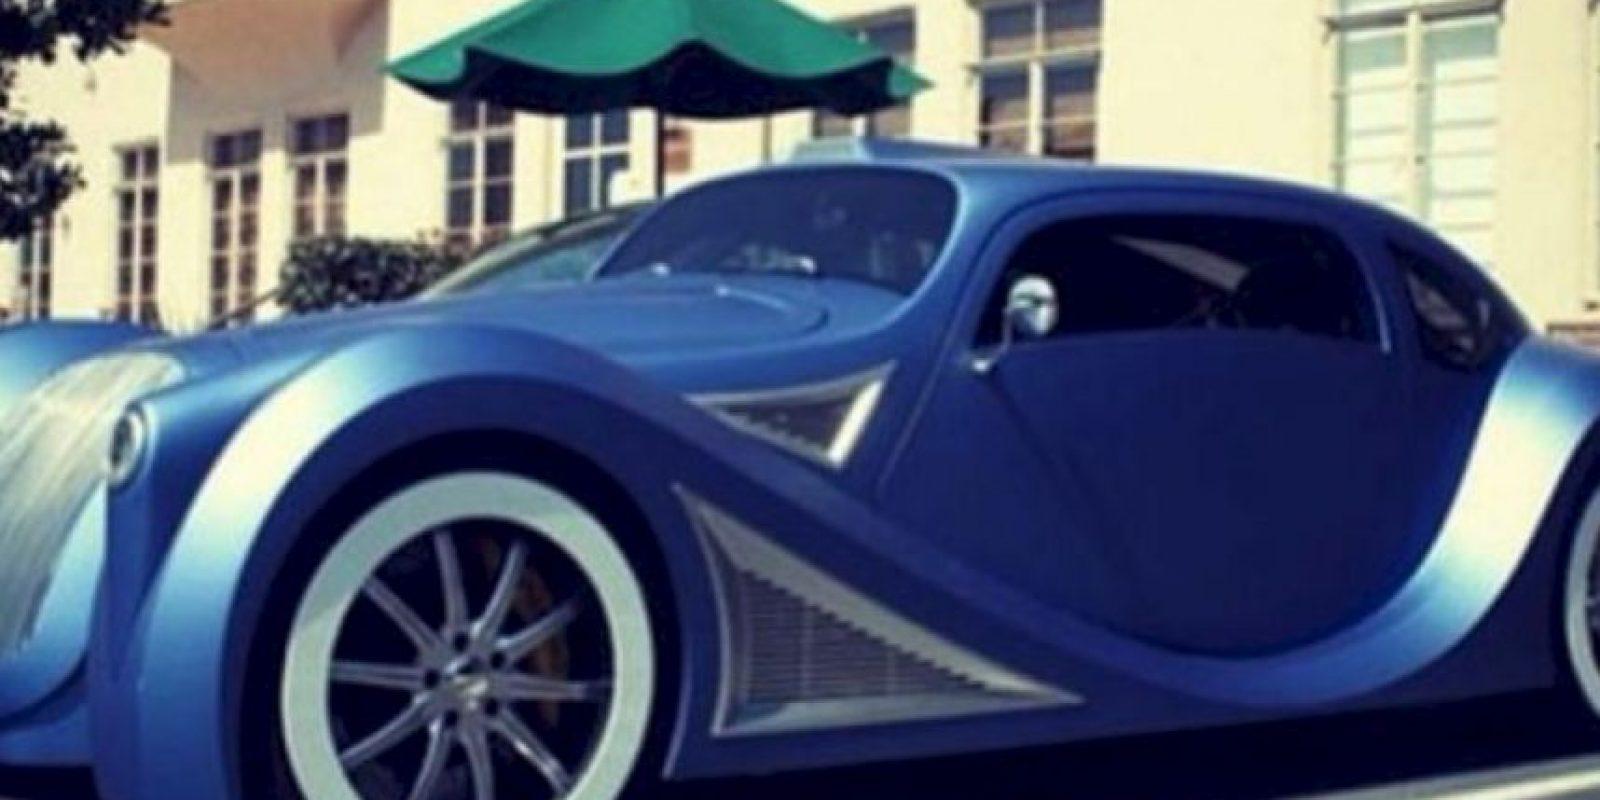 Es dueño de un Volkswagen escarabajo de 1958. Foto:Twitter